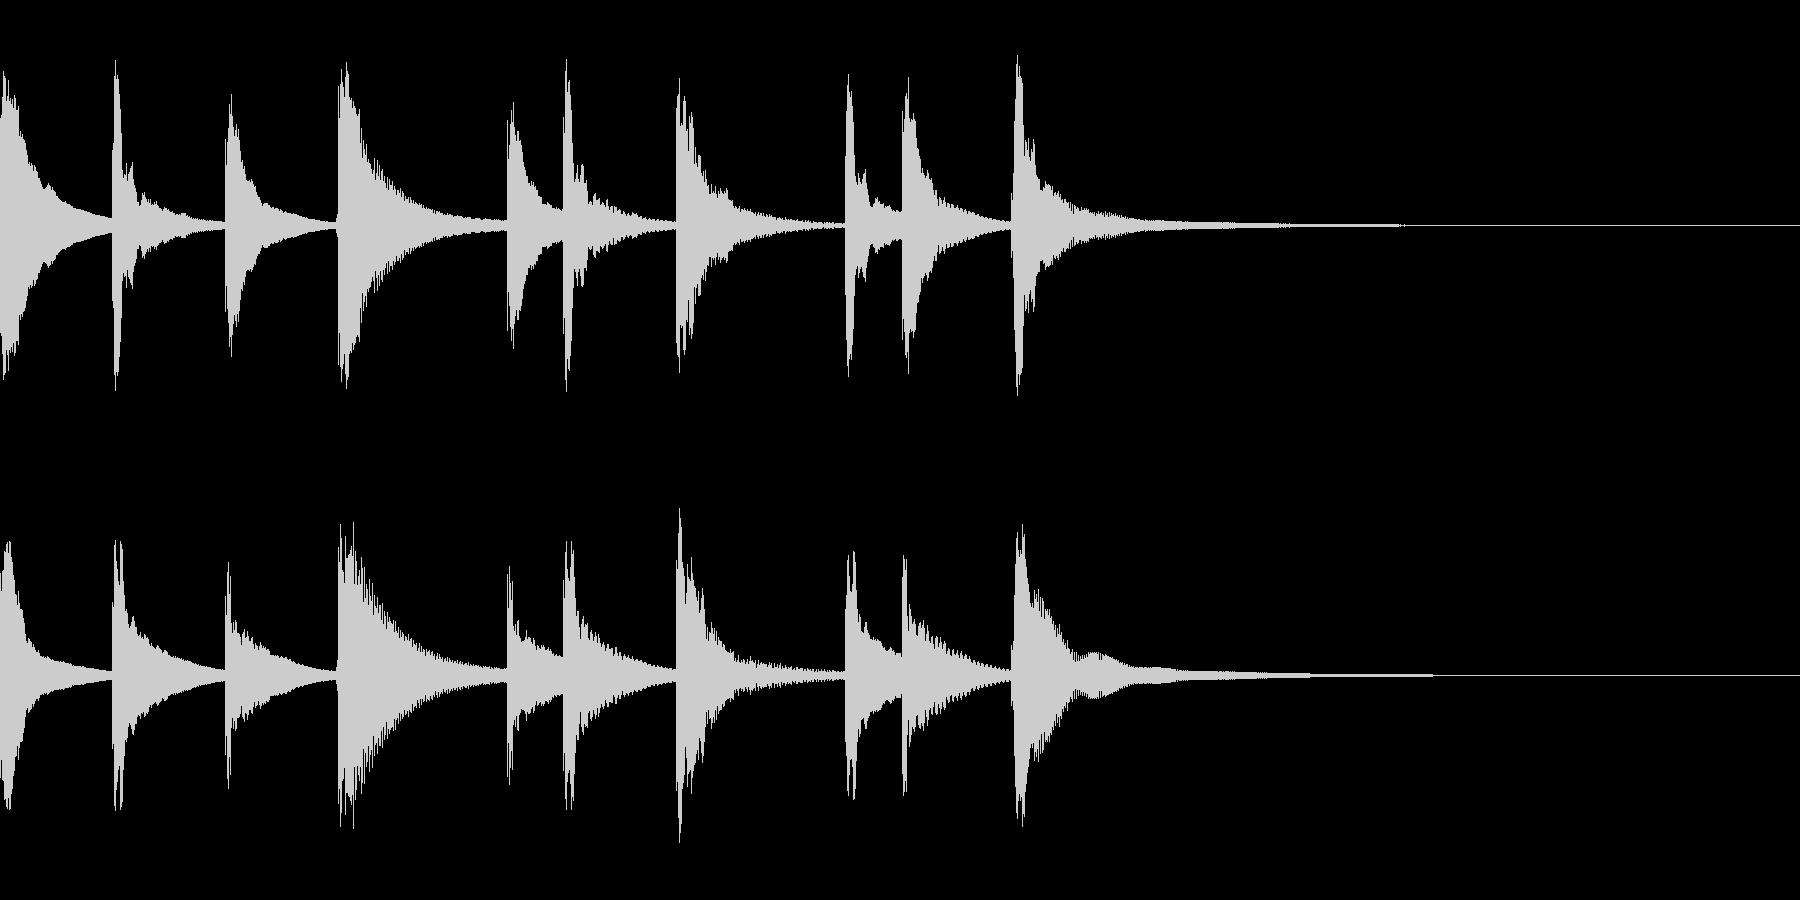 シロフォンの悲しい5秒のジングルの未再生の波形